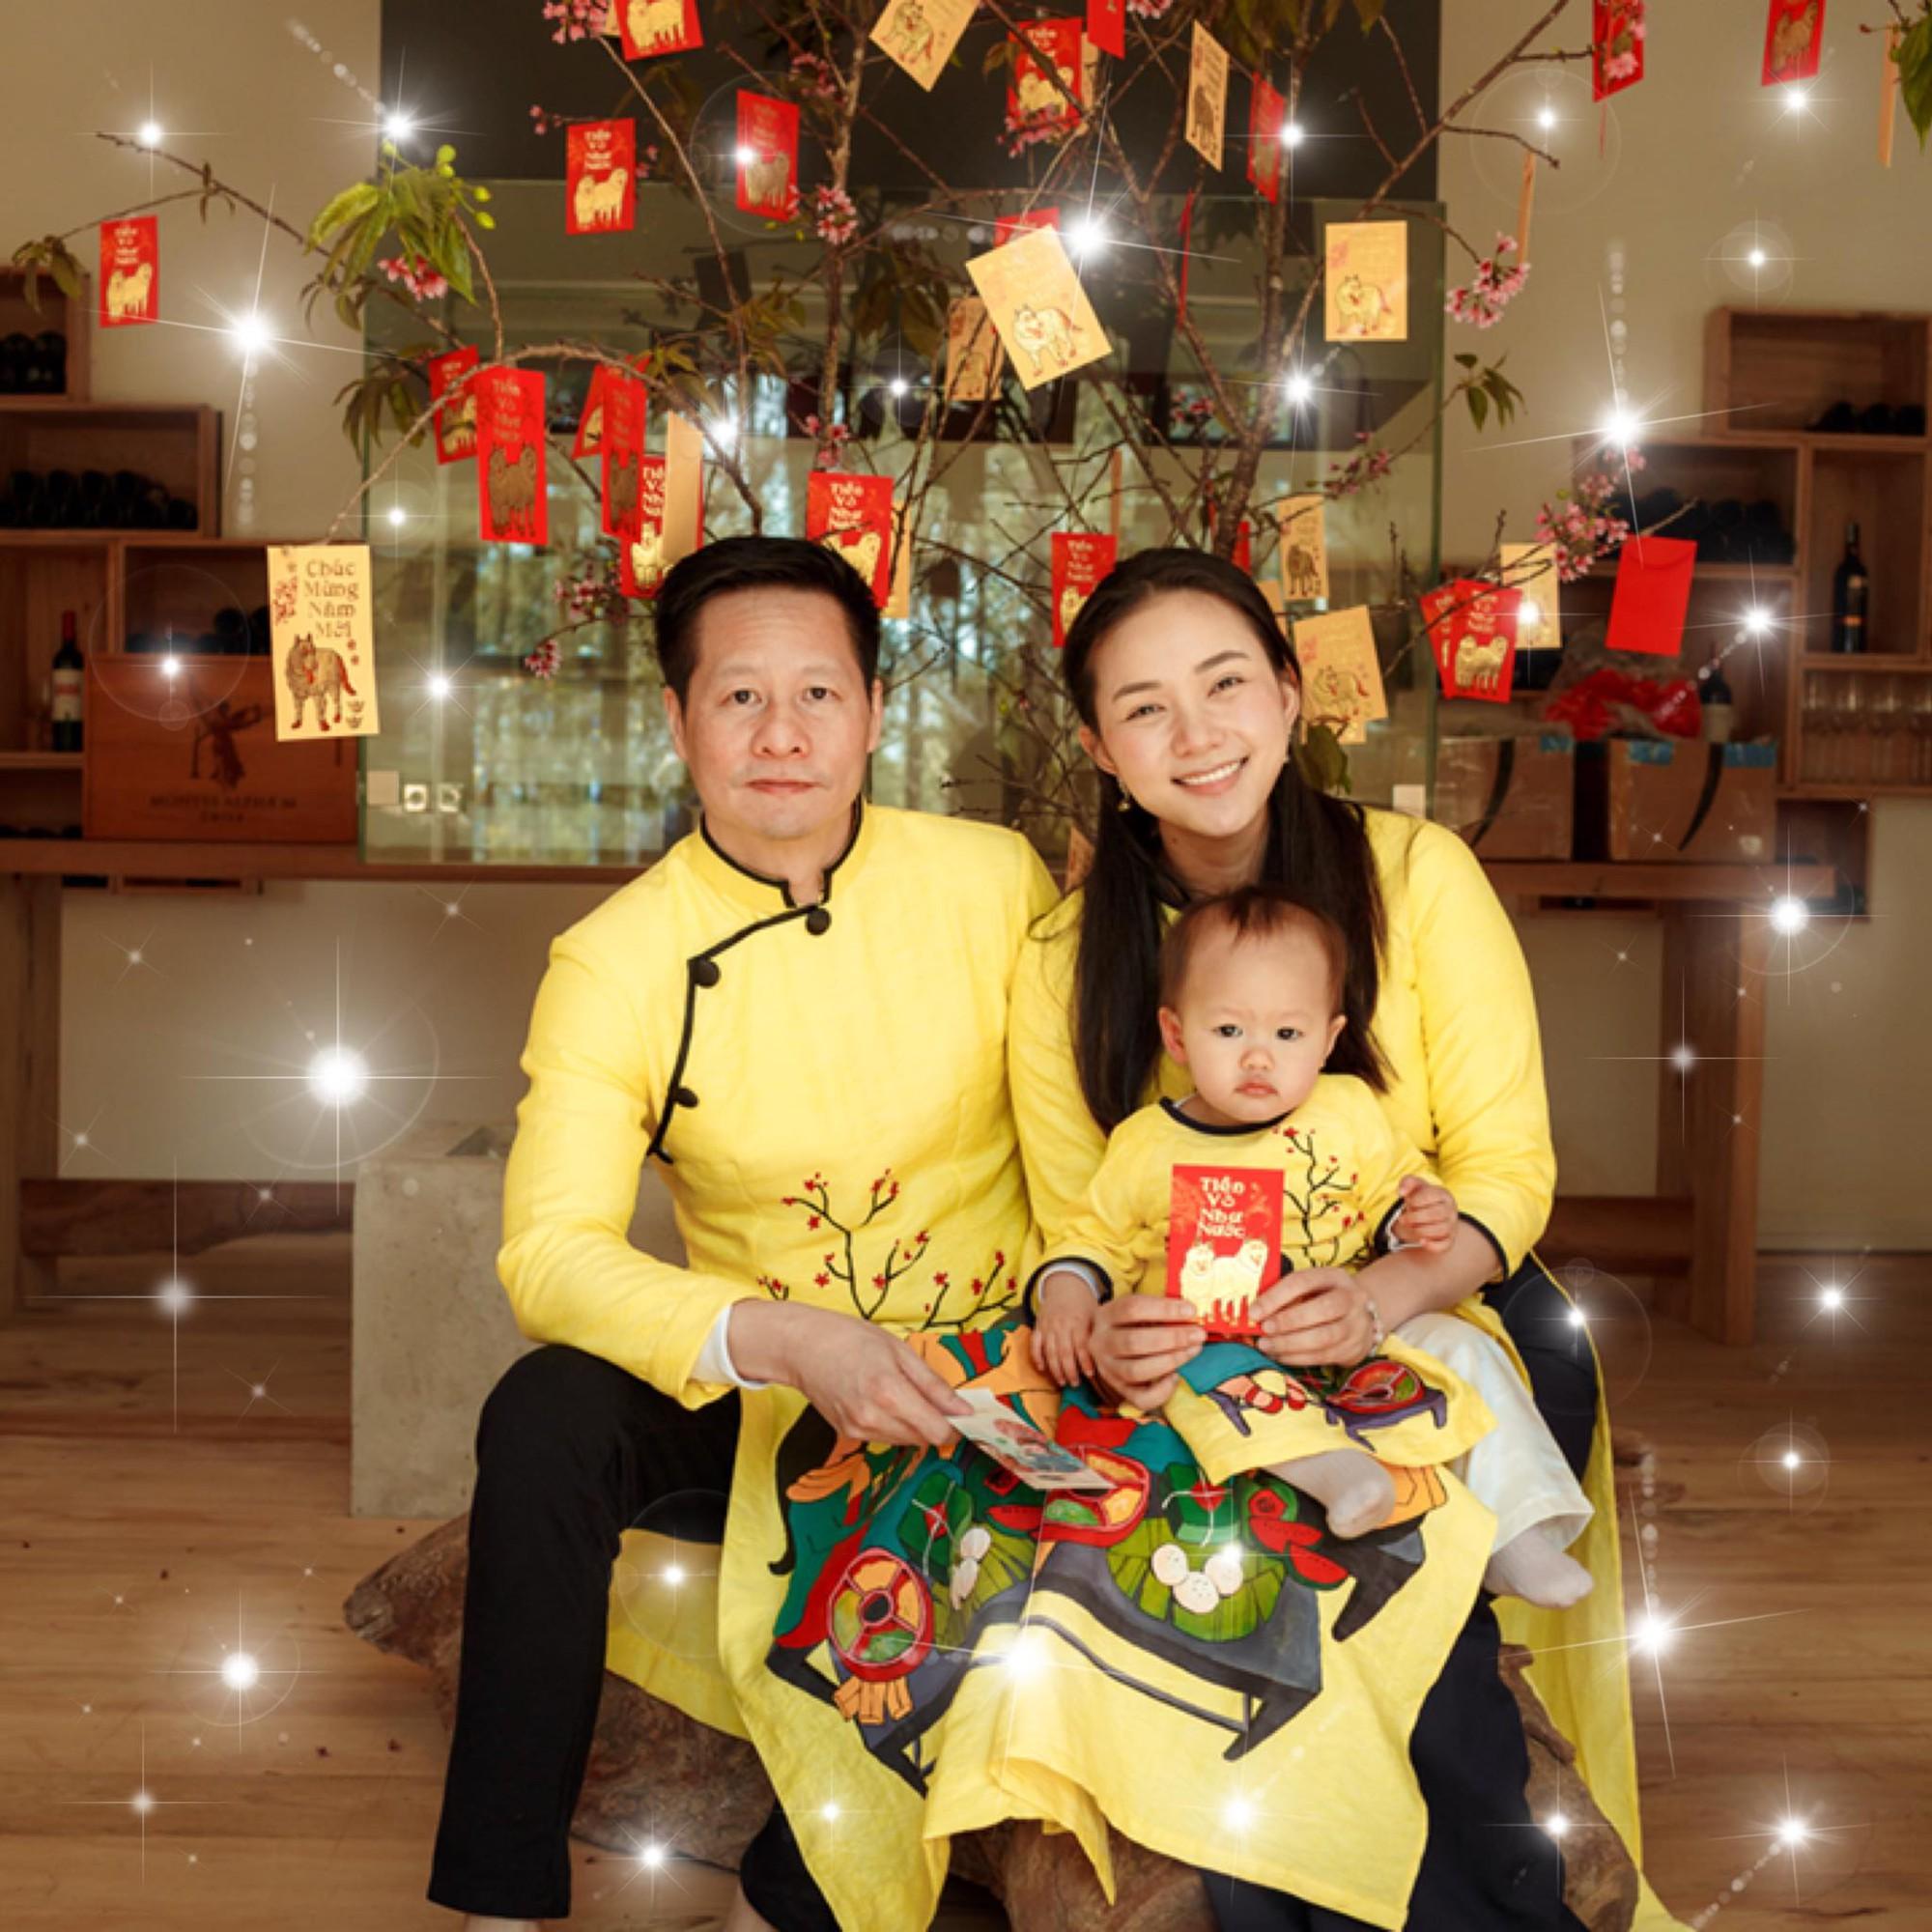 Lấy chồng đại gia hơn 27 tuổi, nhiều người hỏi Phan Như Thảo thế nào là hạnh phúc và câu trả lời không thể hoàn hảo hơn-5